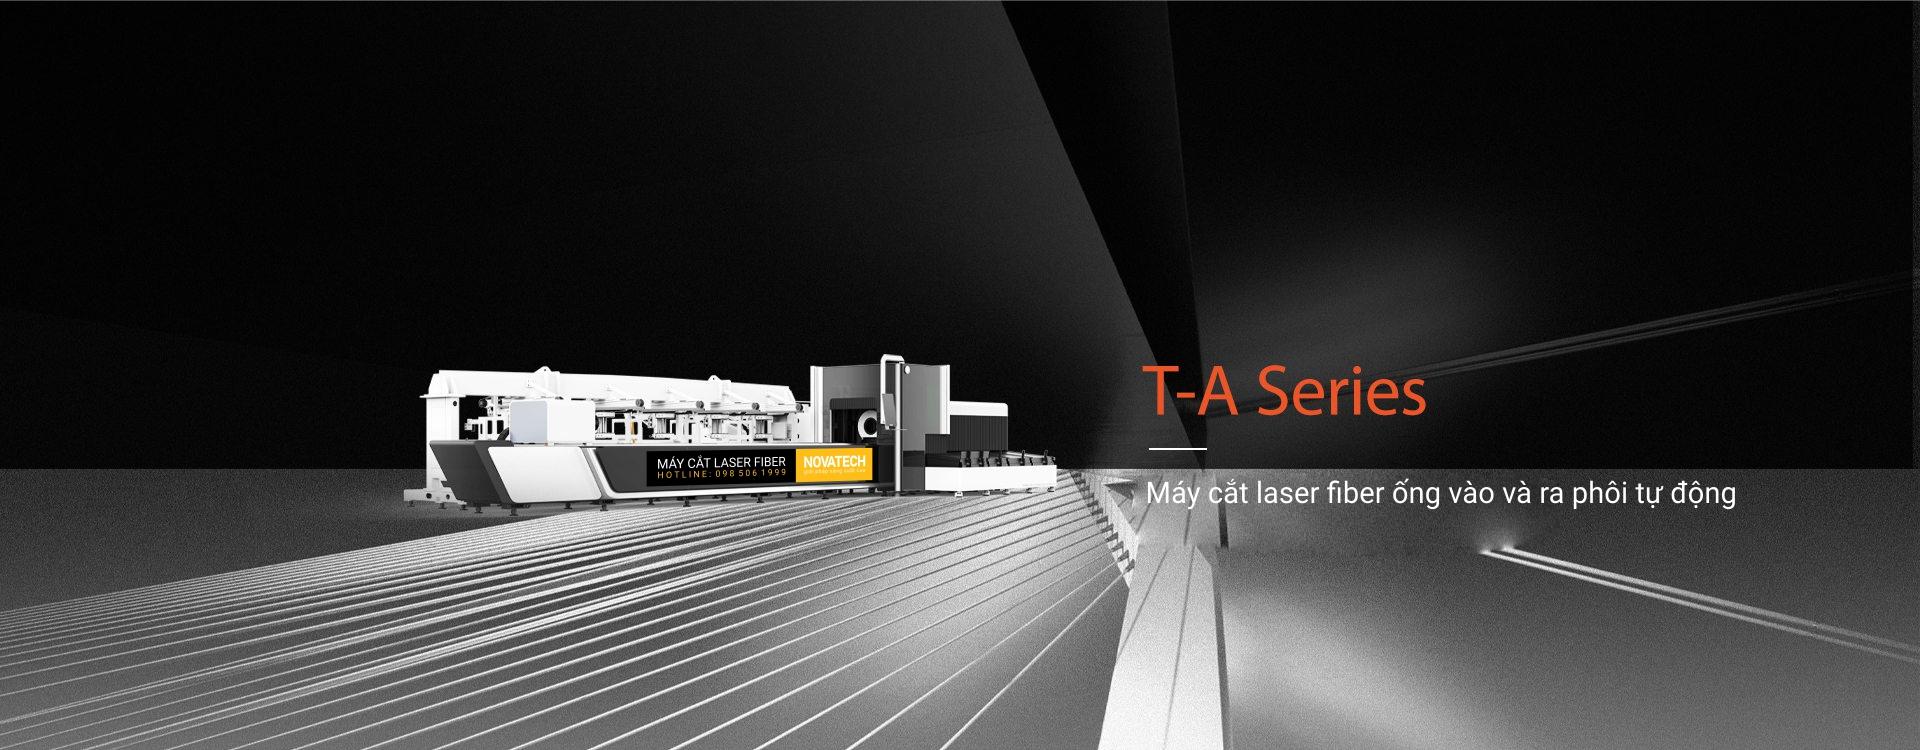 Máy cắt laser fiber BODOR dòng TA